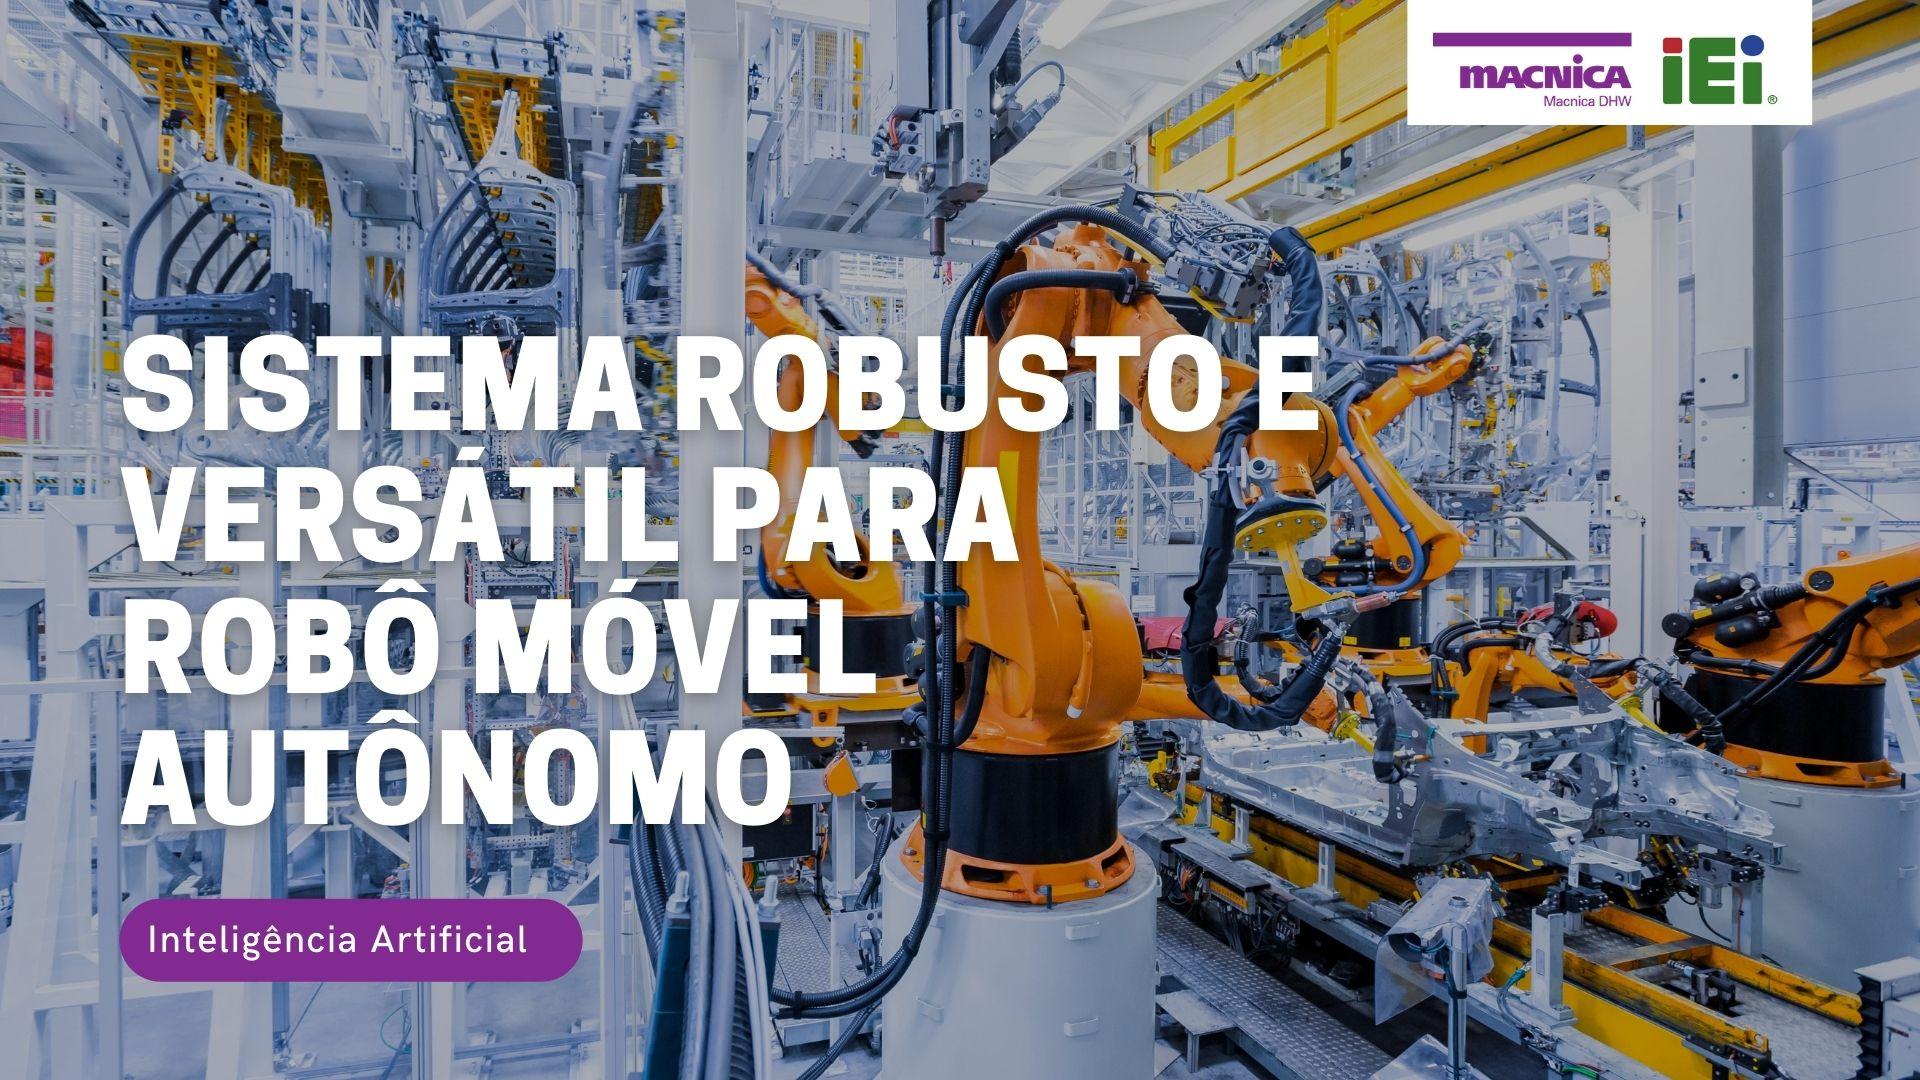 Sistema robusto e versátil para robô móvel autônomo